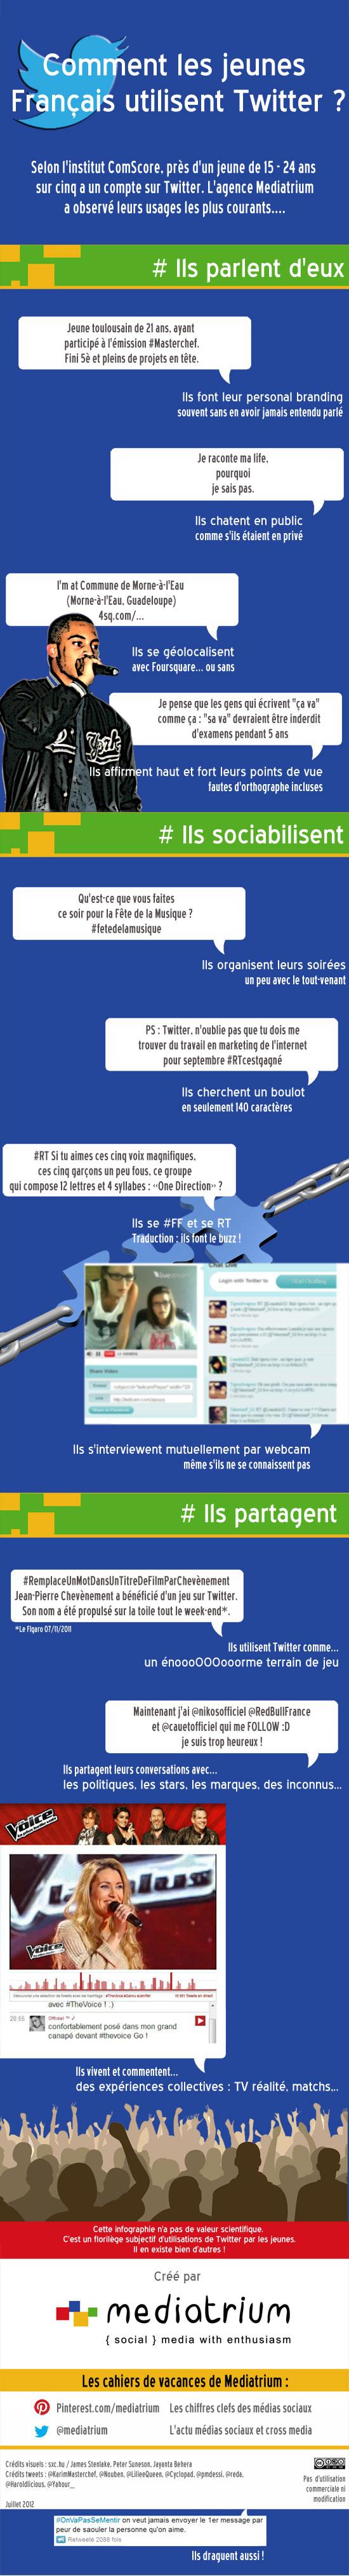 Twitter : Utilisation par les jeunes Français